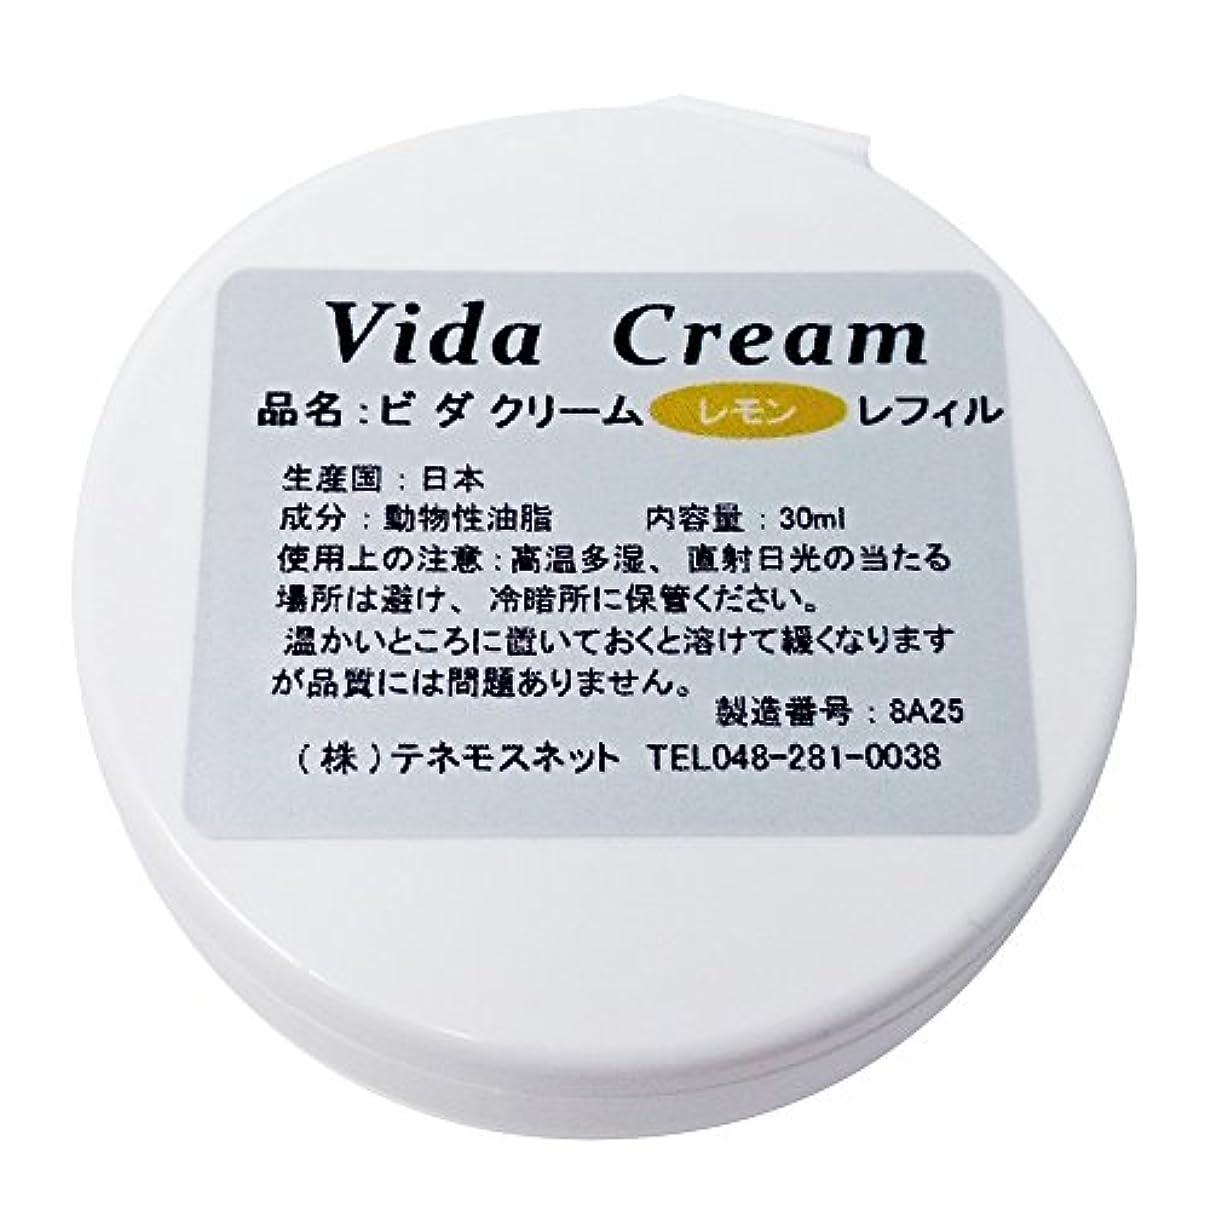 フォークグラフィックセクションテネモス ビダクリーム Vida Cream ほのかレモン レフィル 付替用 30ml